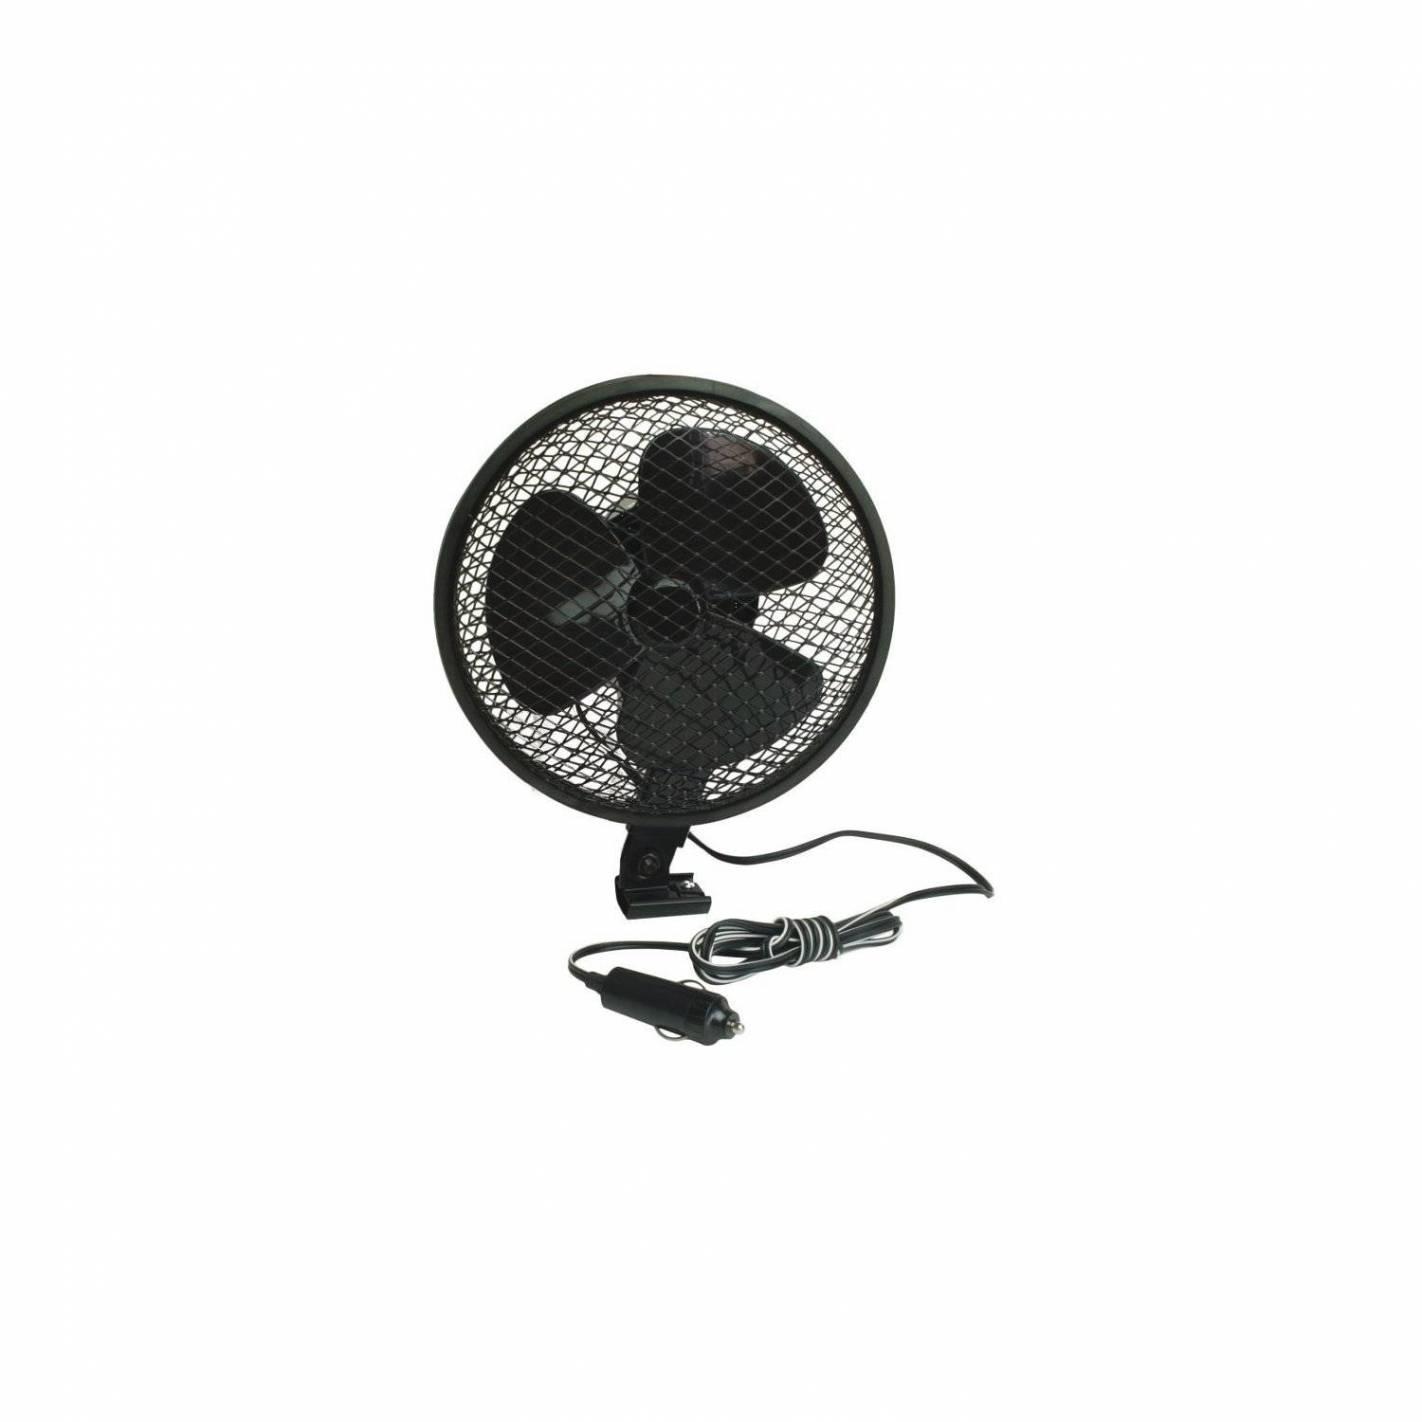 Ventilateur 12v oscillant - Chauffage 12 volt ...